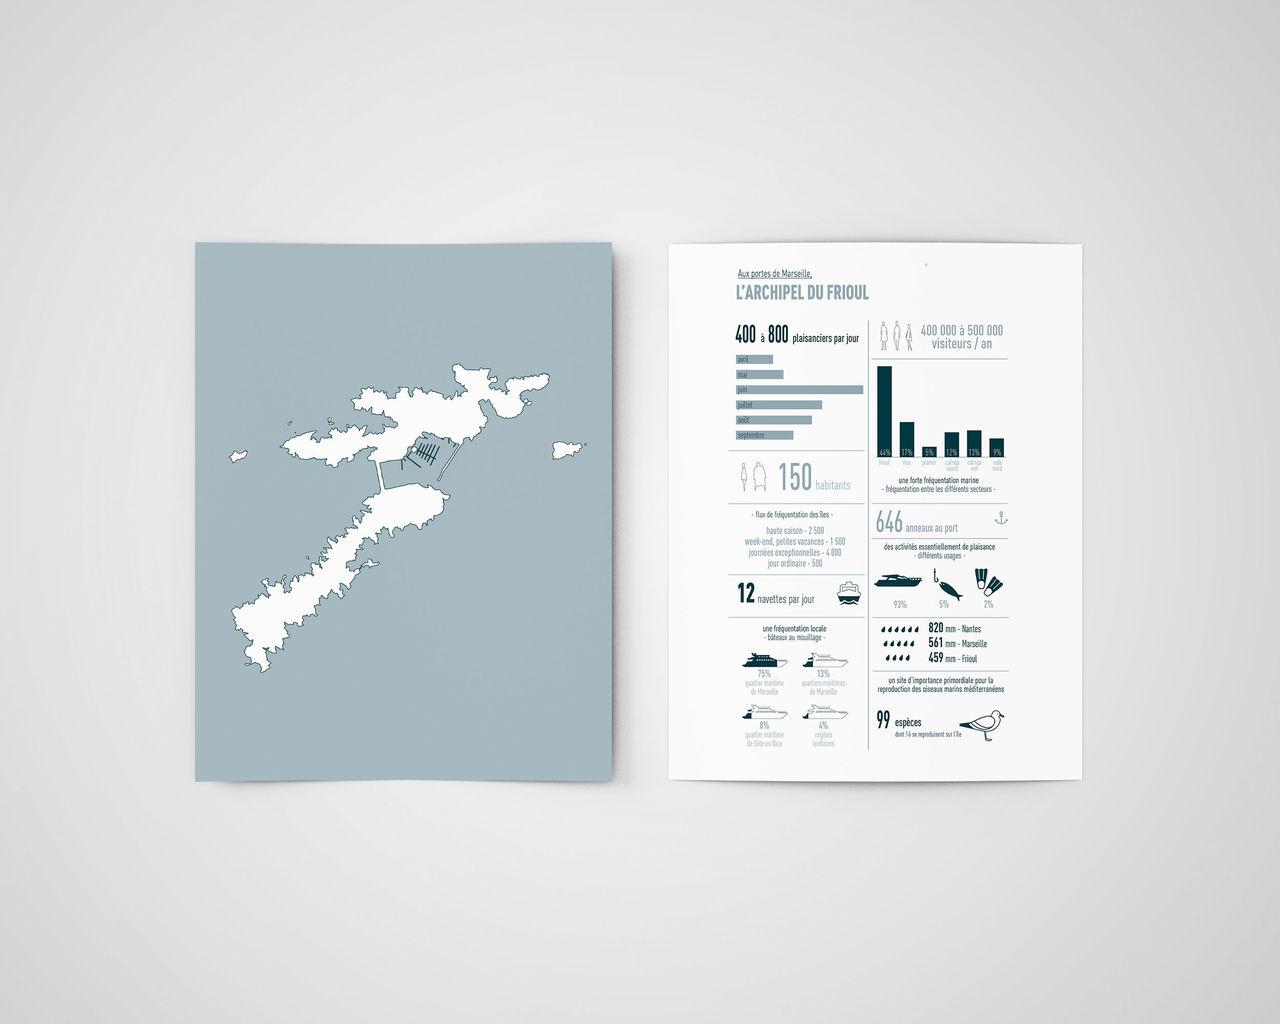 Infographie - Données territoriales Iles du Frioul